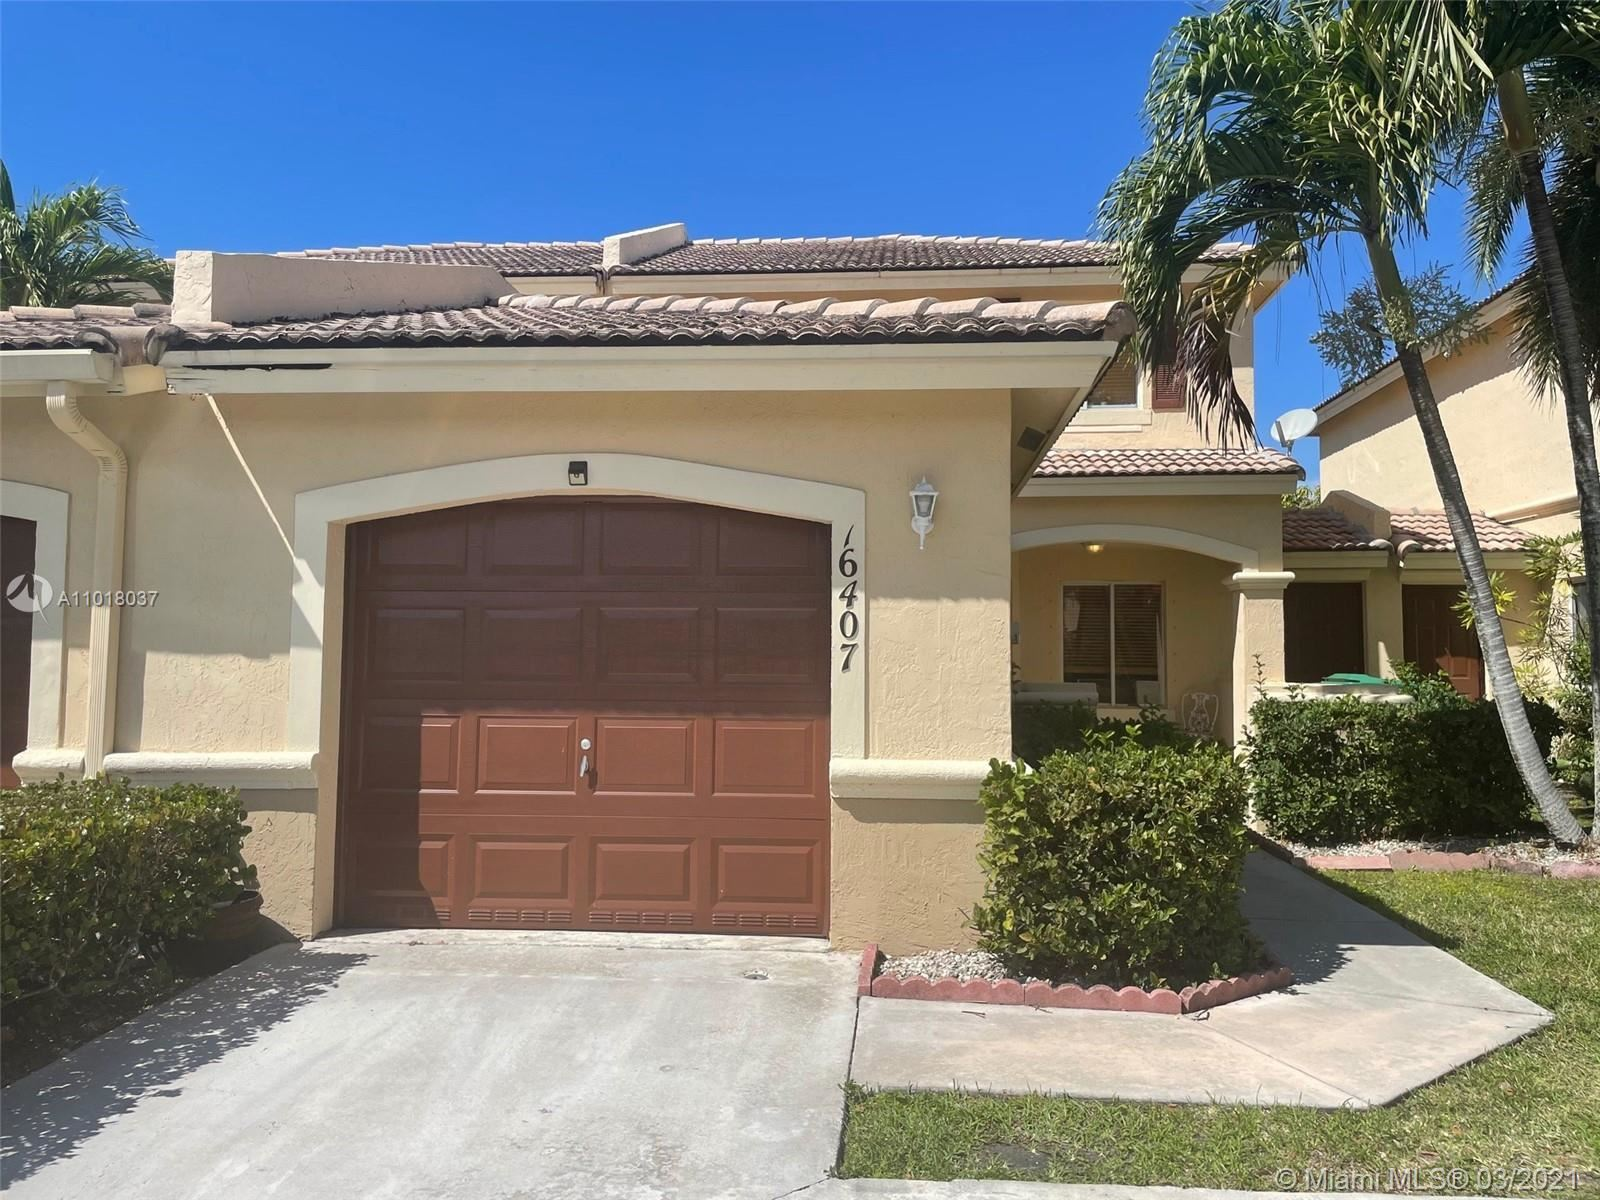 16407 SW 73rd Ter, Miami, FL 33193 - #: A11018037